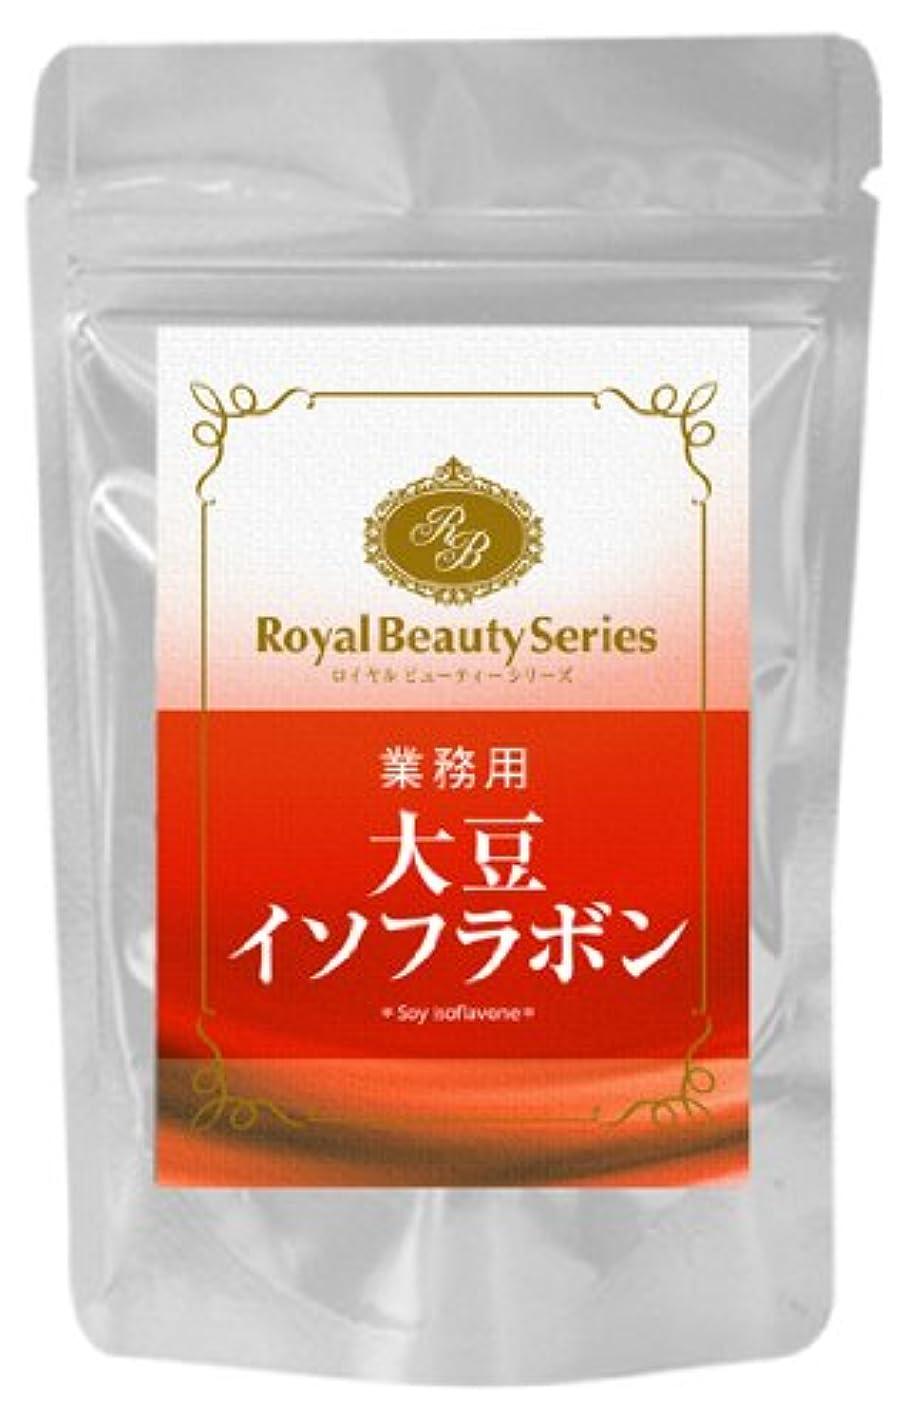 中世の薬剤師どっちでもロイヤルビューティーシリーズ 業務用 大豆イソフラボン 300mg x270粒